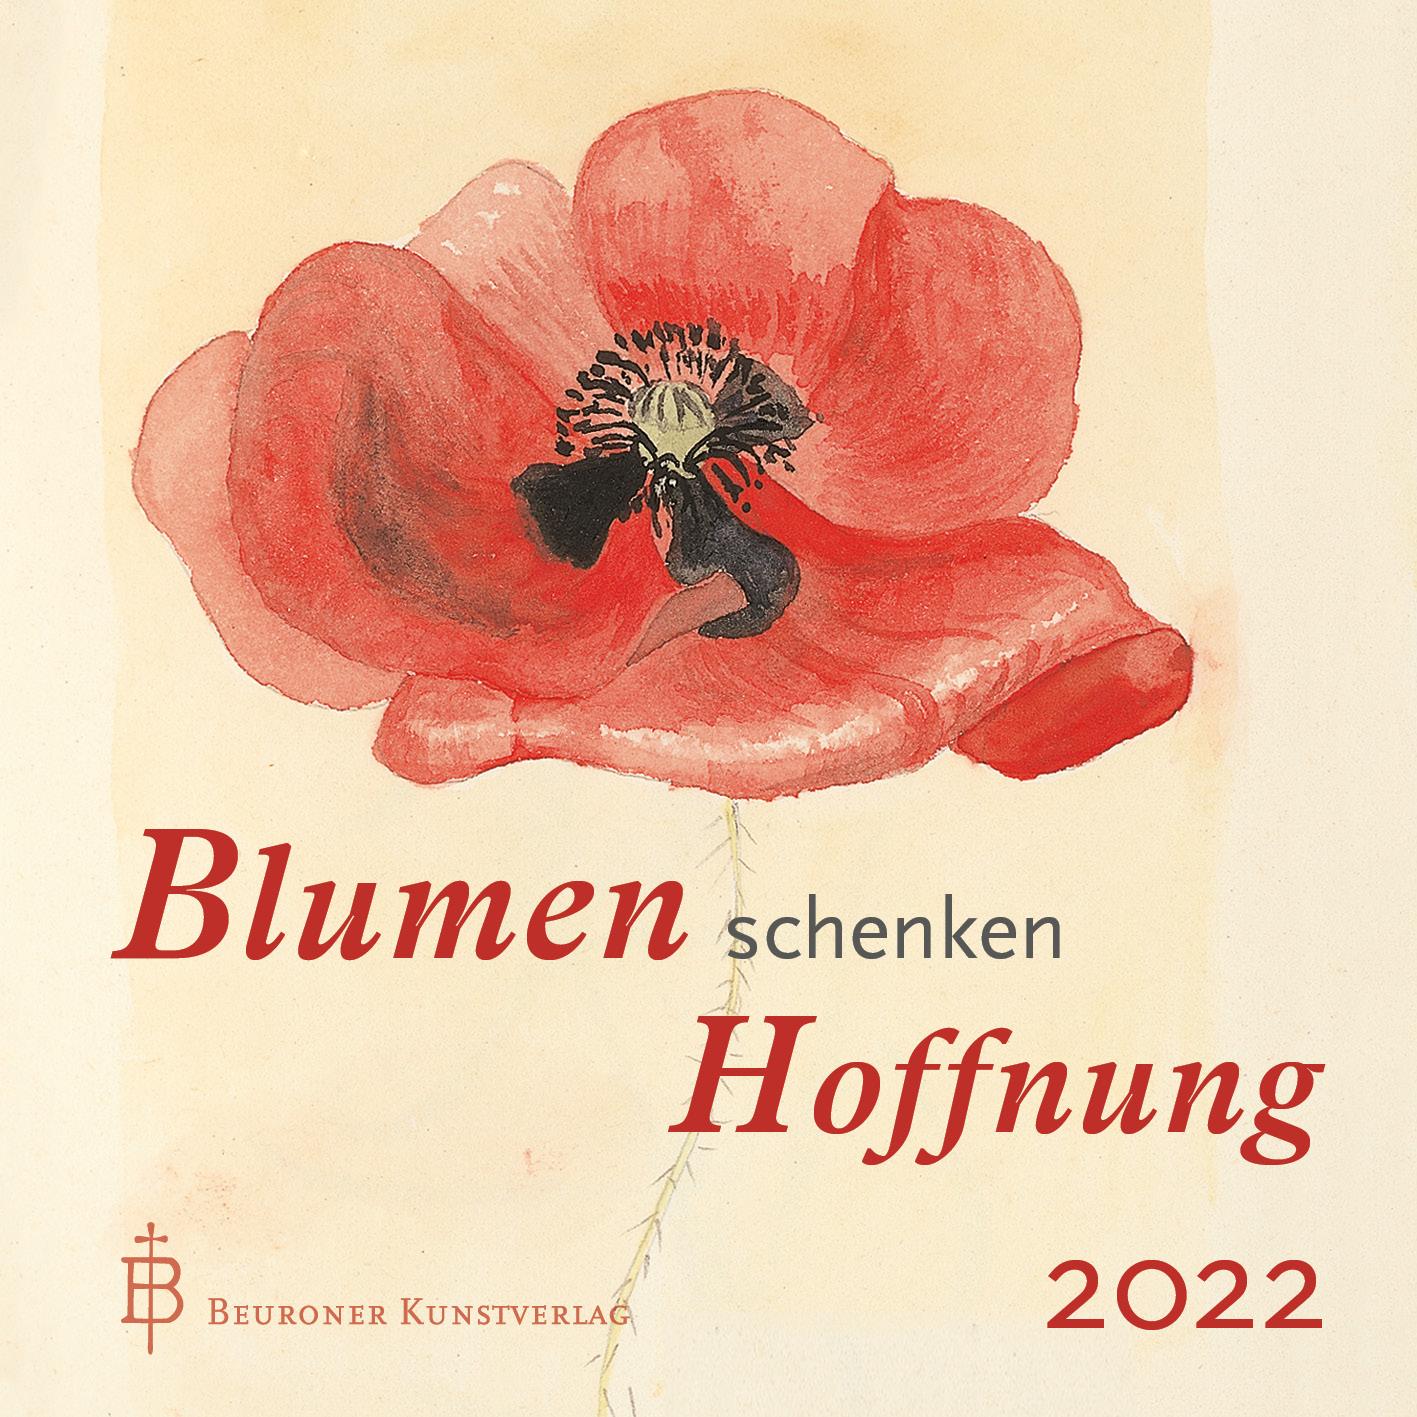 Tischkalender - Blumen schenken Hoffnung